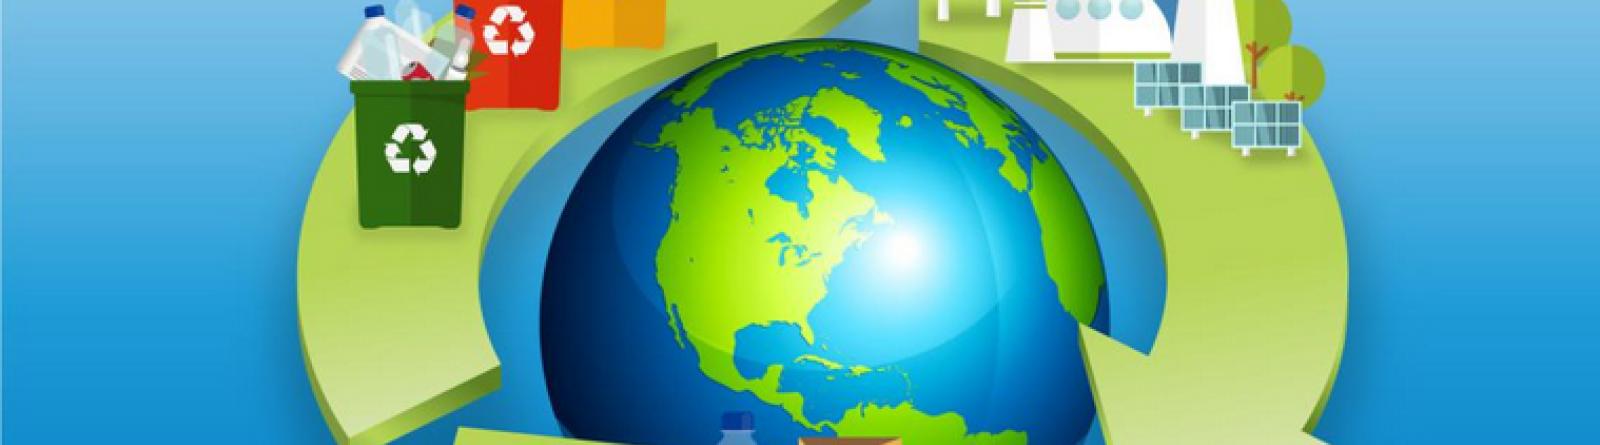 Ing pubblica il suo primo Climate report integrato